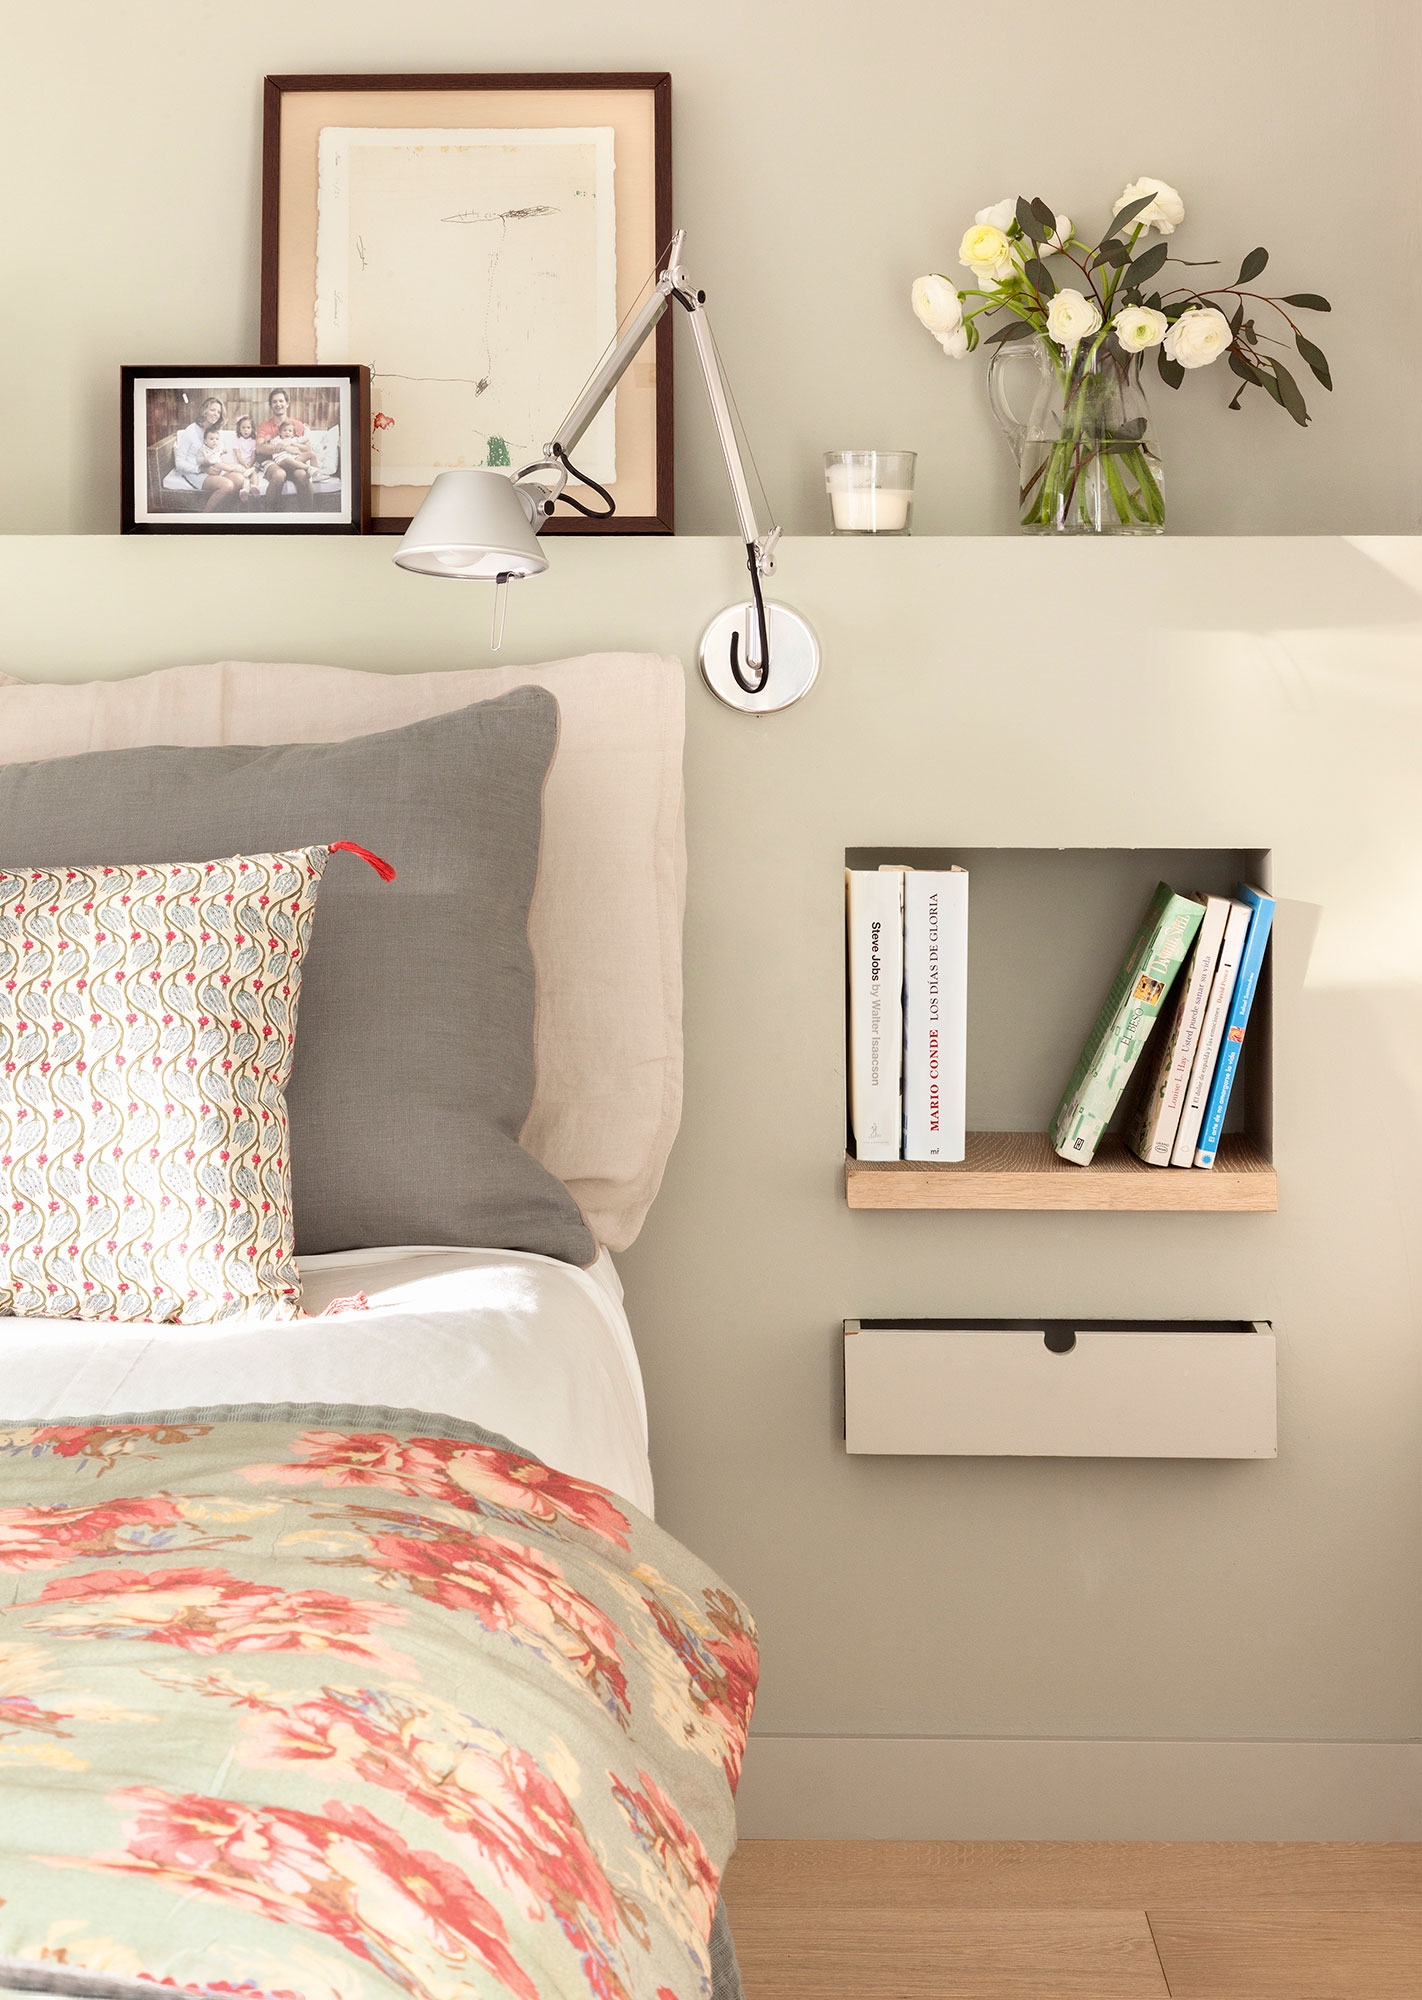 Reformas expr s para renovar tu casa en 48h for Renovar la casa dormitorio